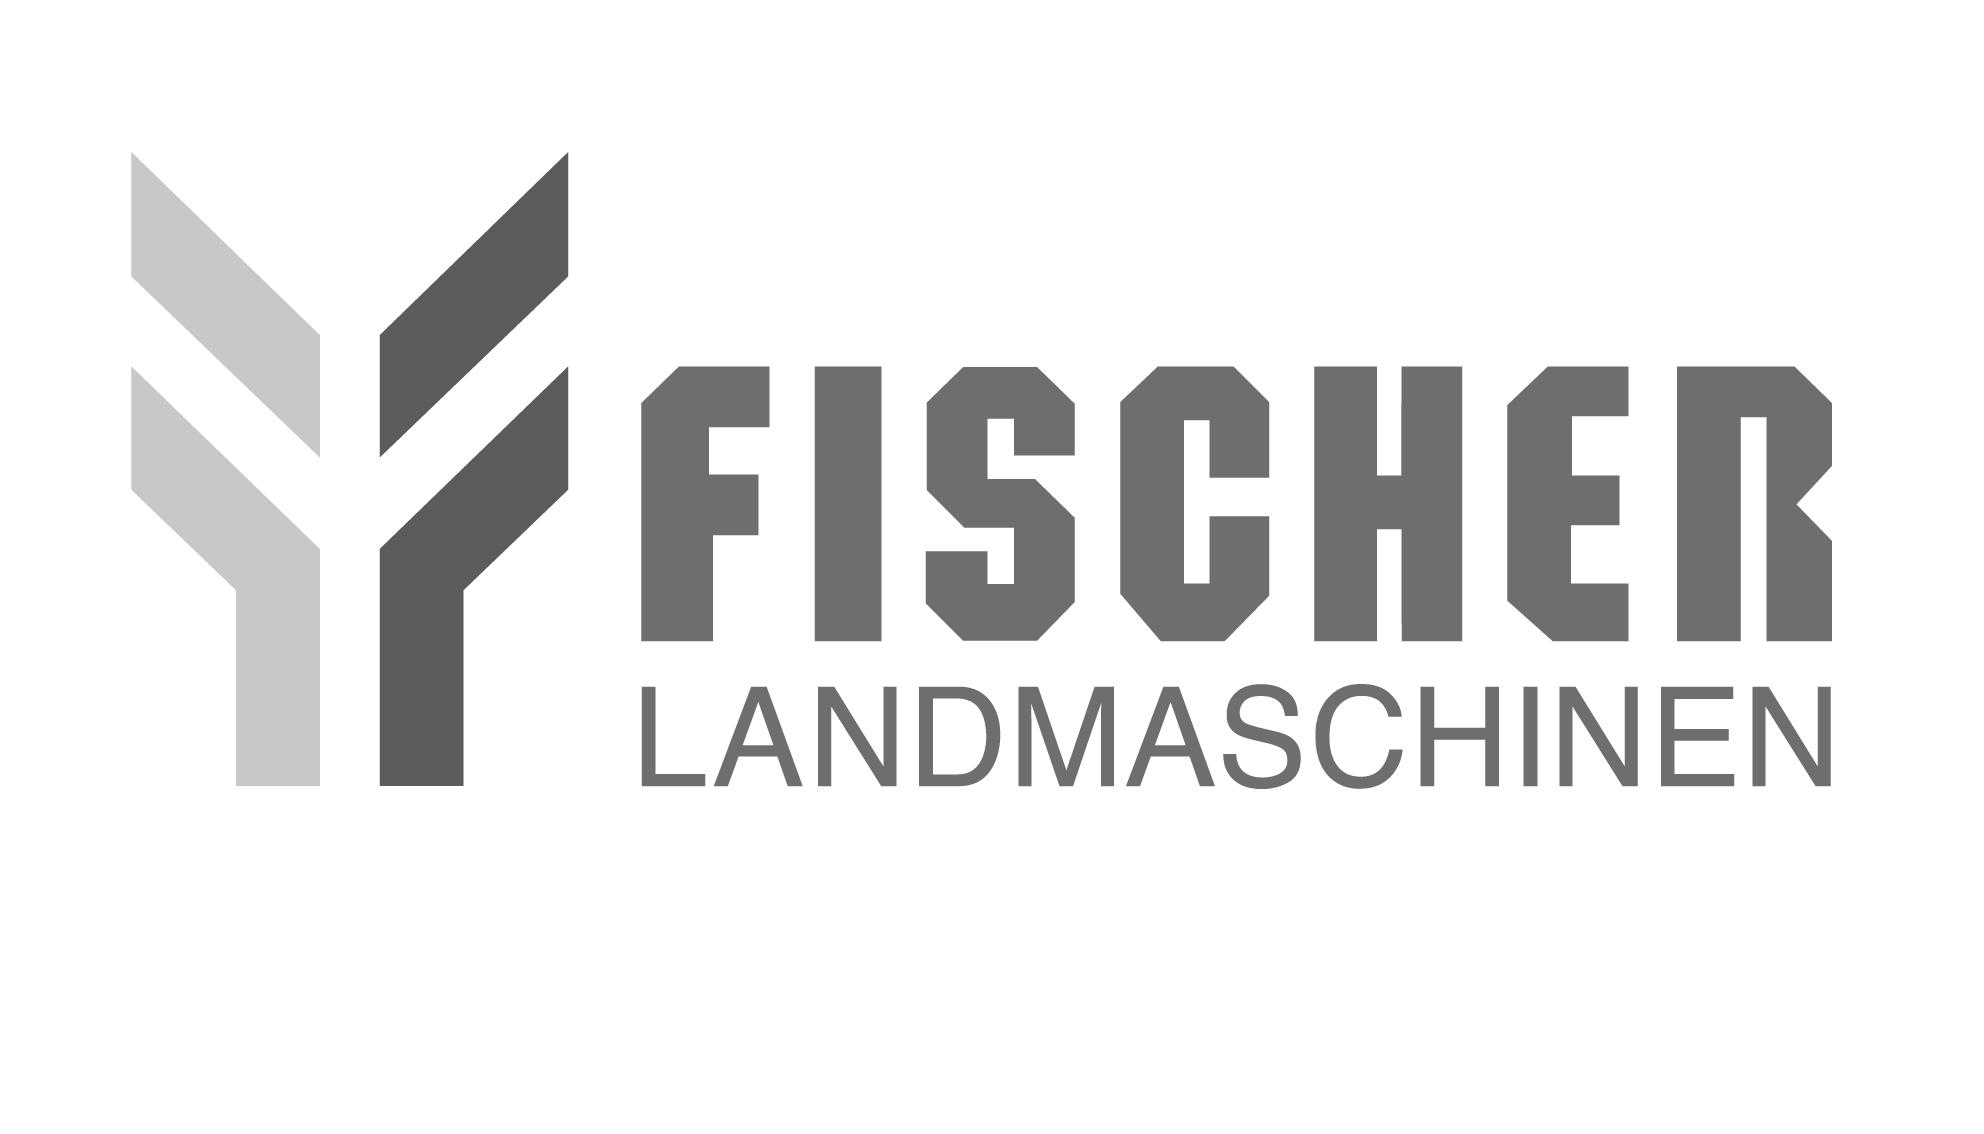 Fischer Landmaschinen GmbH